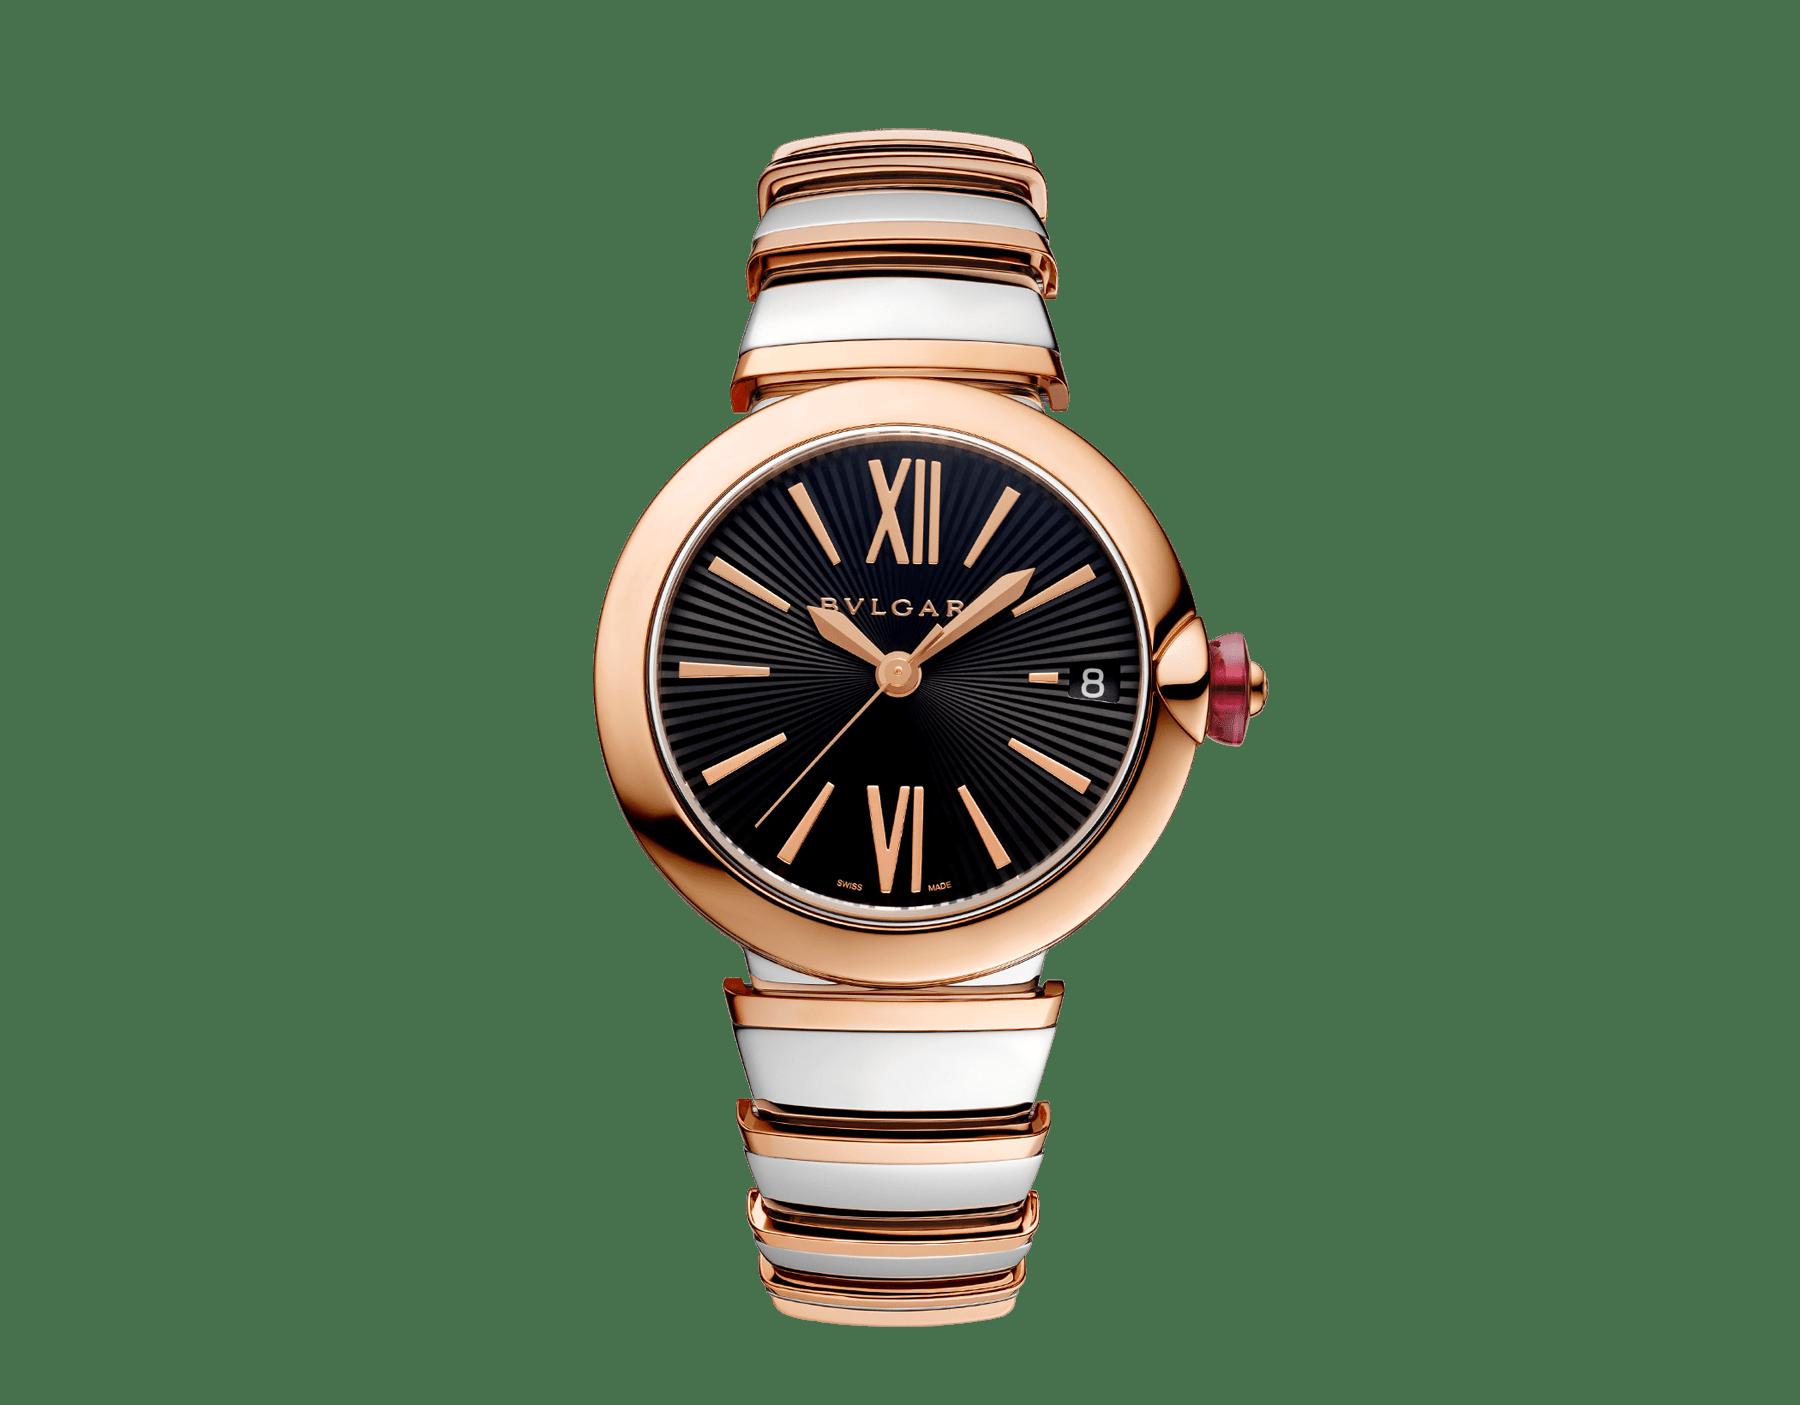 Montre LVCEA avec boîtier et bracelet en or rose 18K et acier inoxydable, cadran en opaline noire. 102192 image 1